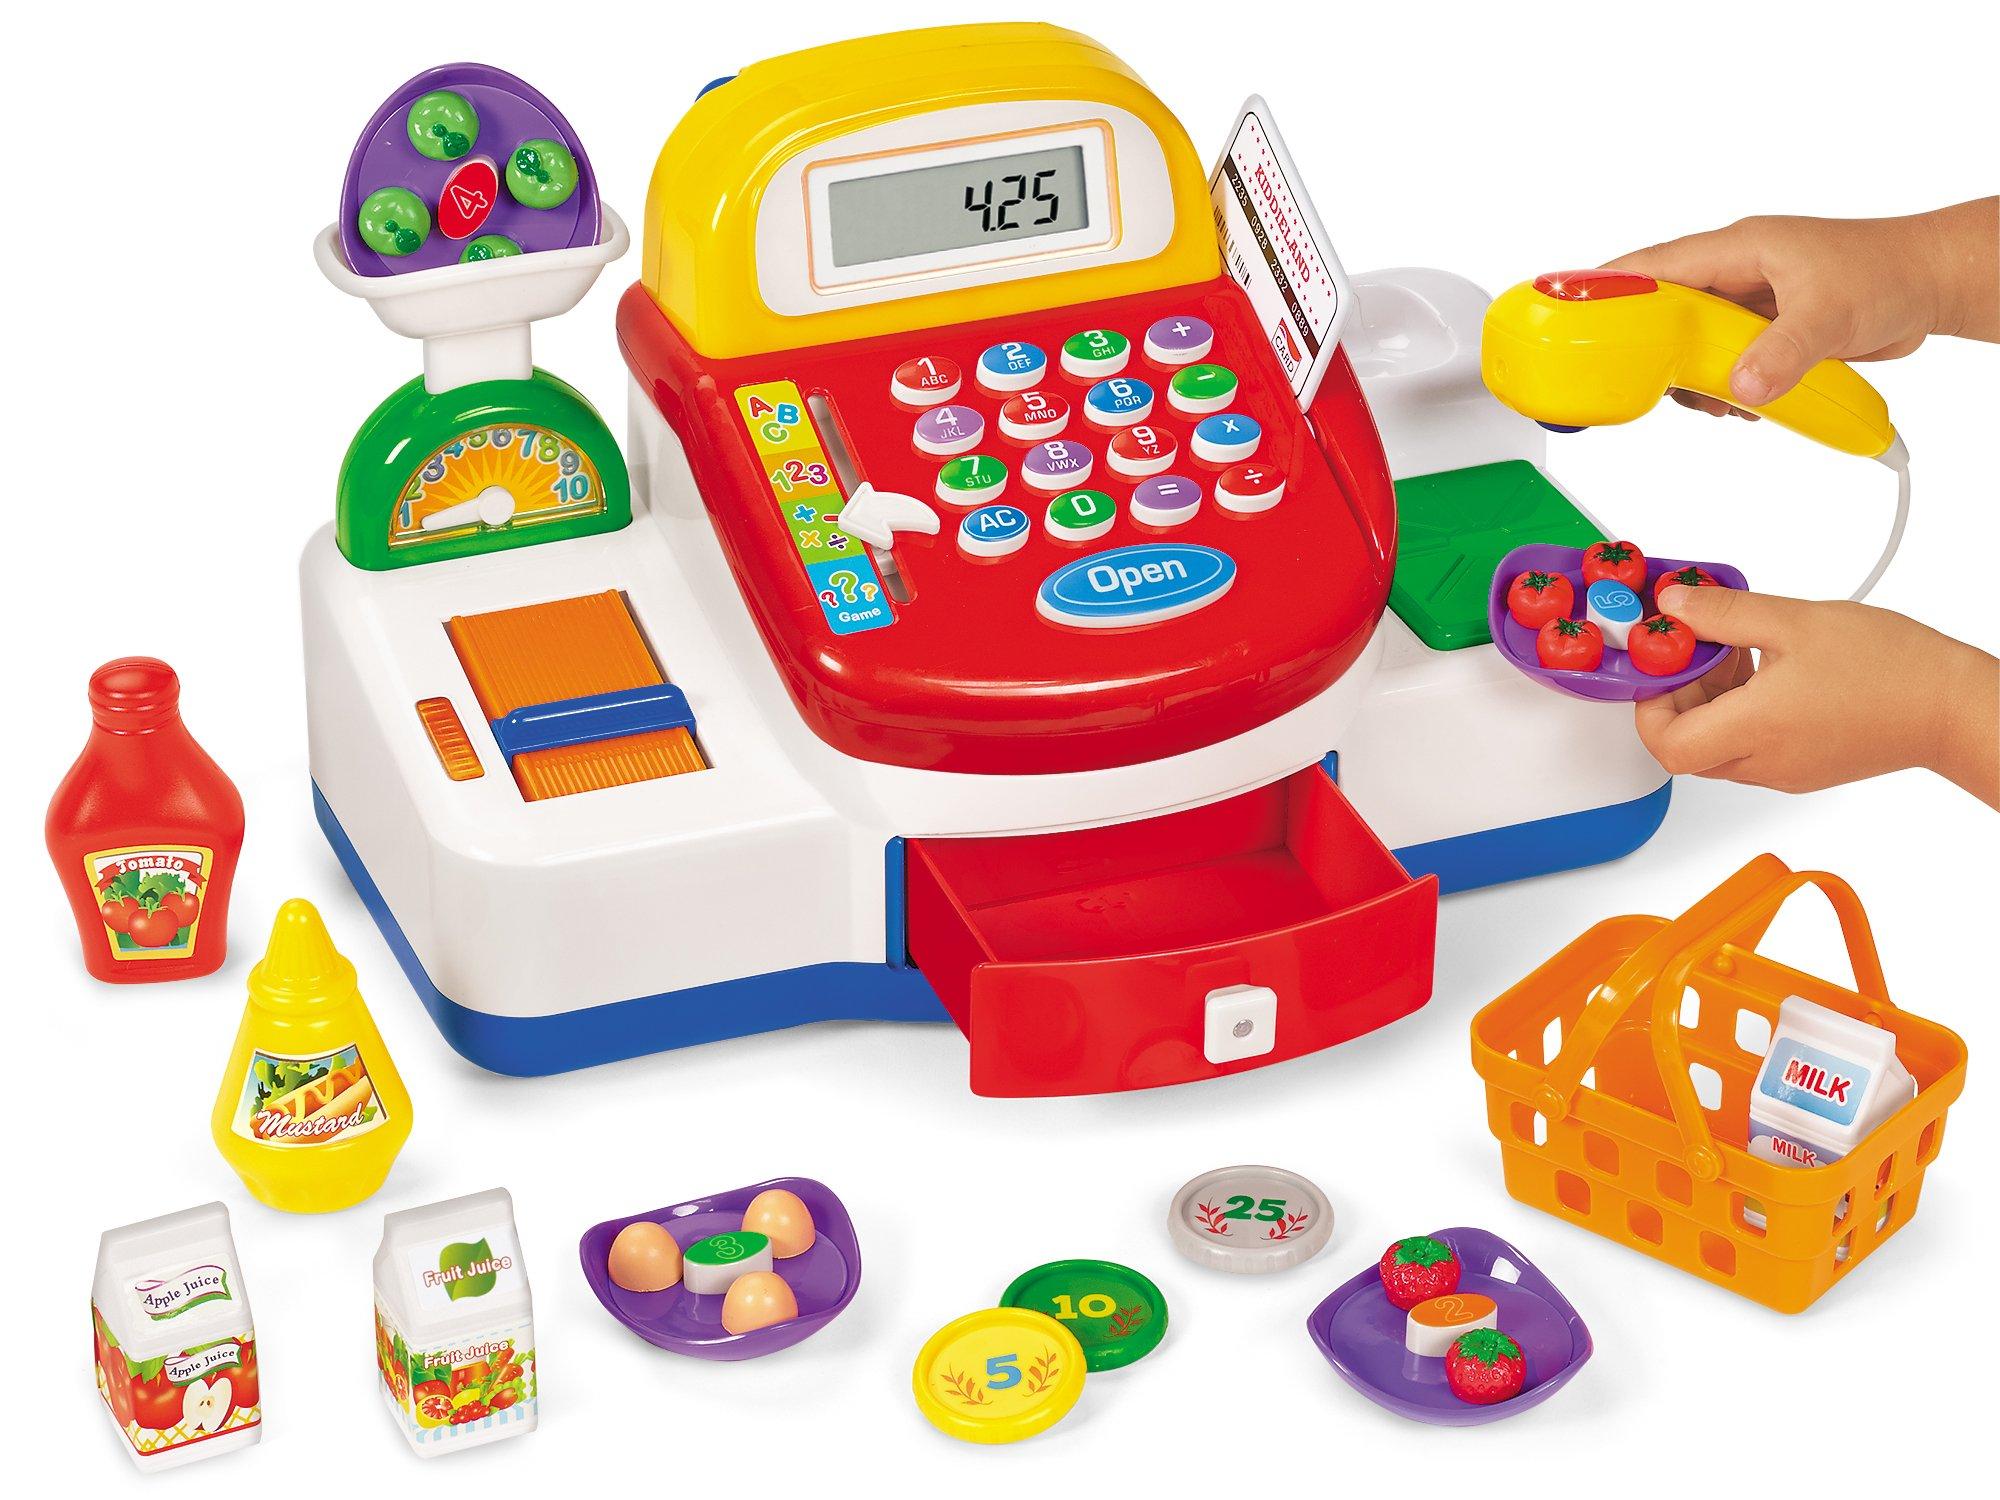 Lakeshore Let's Go Shopping Cash Register